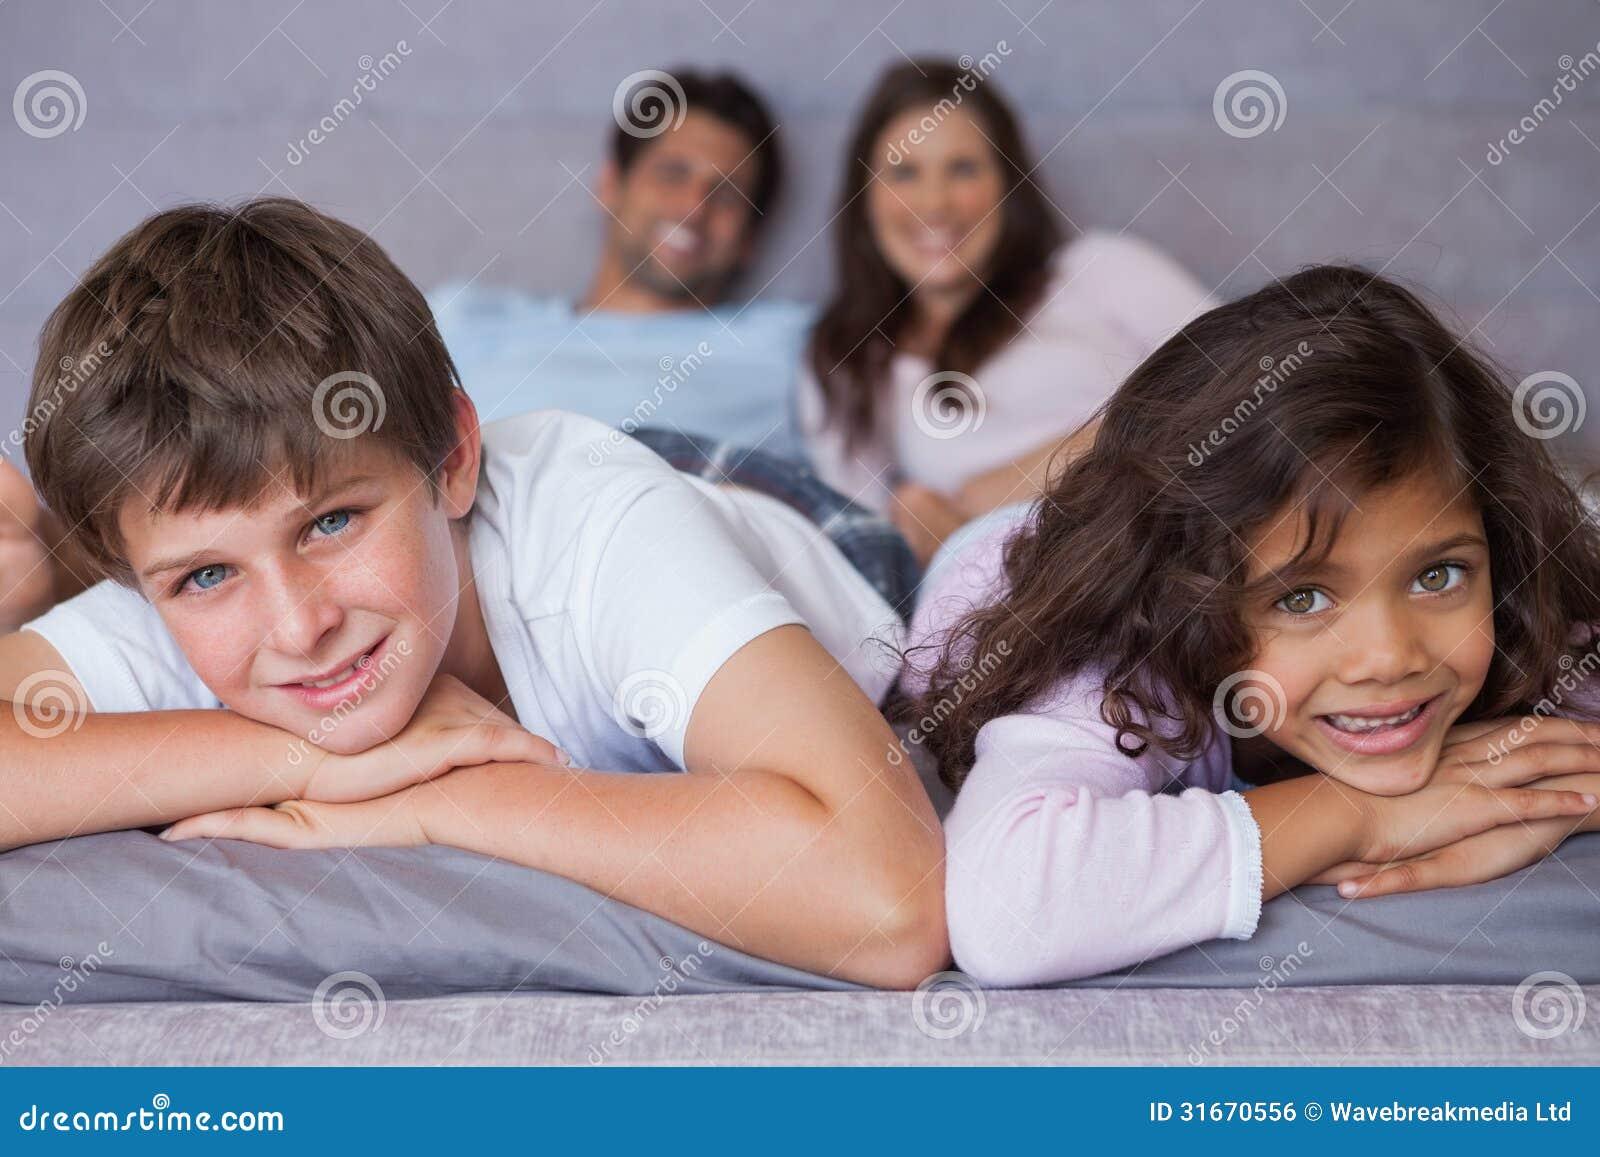 smotret-porno-video-seks-brata-s-sestroy